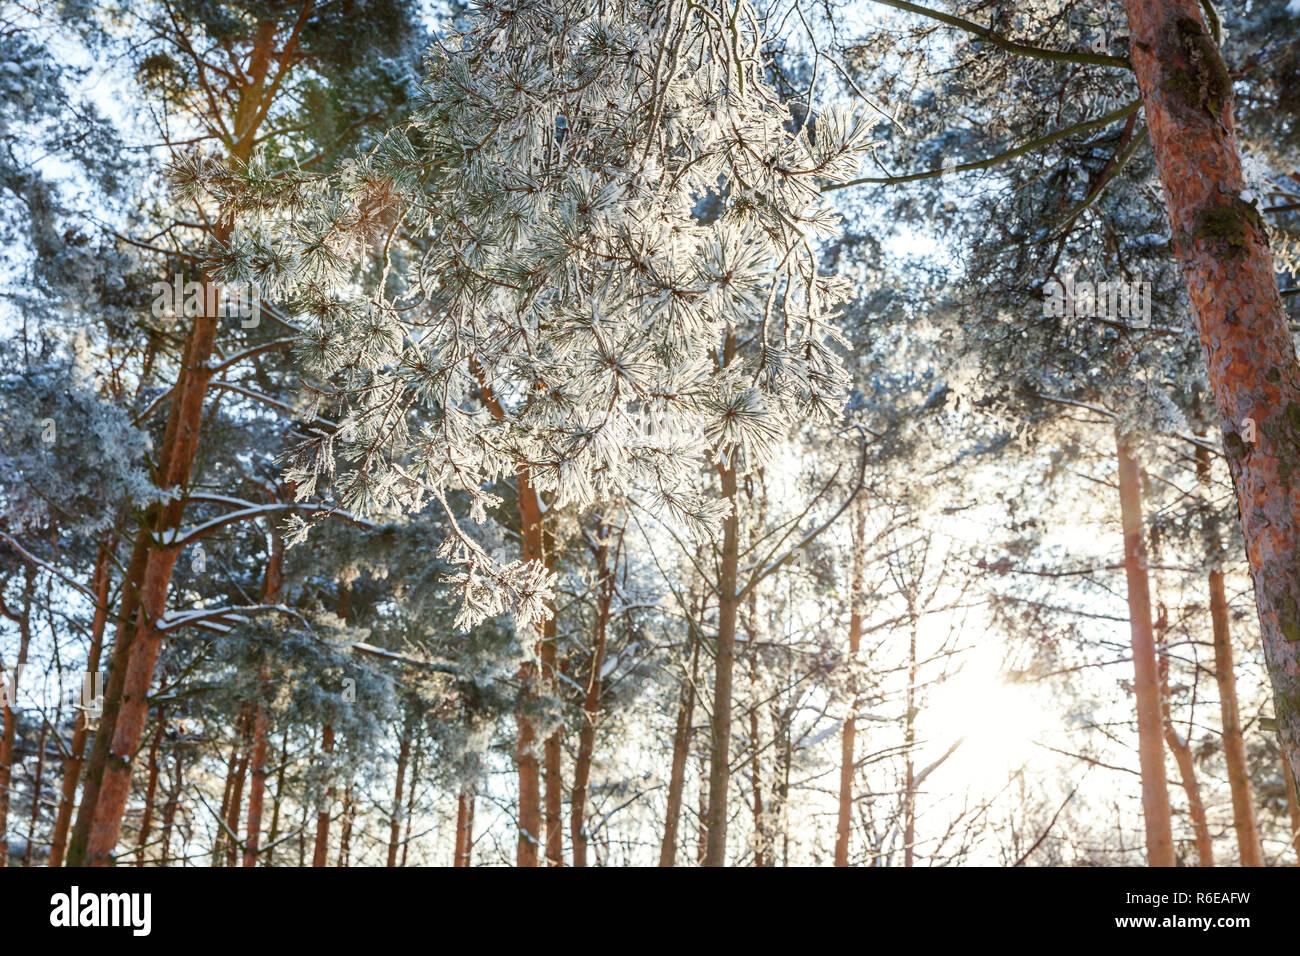 Frosty alberi in boschi innevati, freddo nella mattina di sole. Tranquilla natura invernale in presenza di luce solare. Di ispirazione naturale invernale parco o giardino. Raffreddare pacifica ecologia natura sullo sfondo del paesaggio Foto Stock